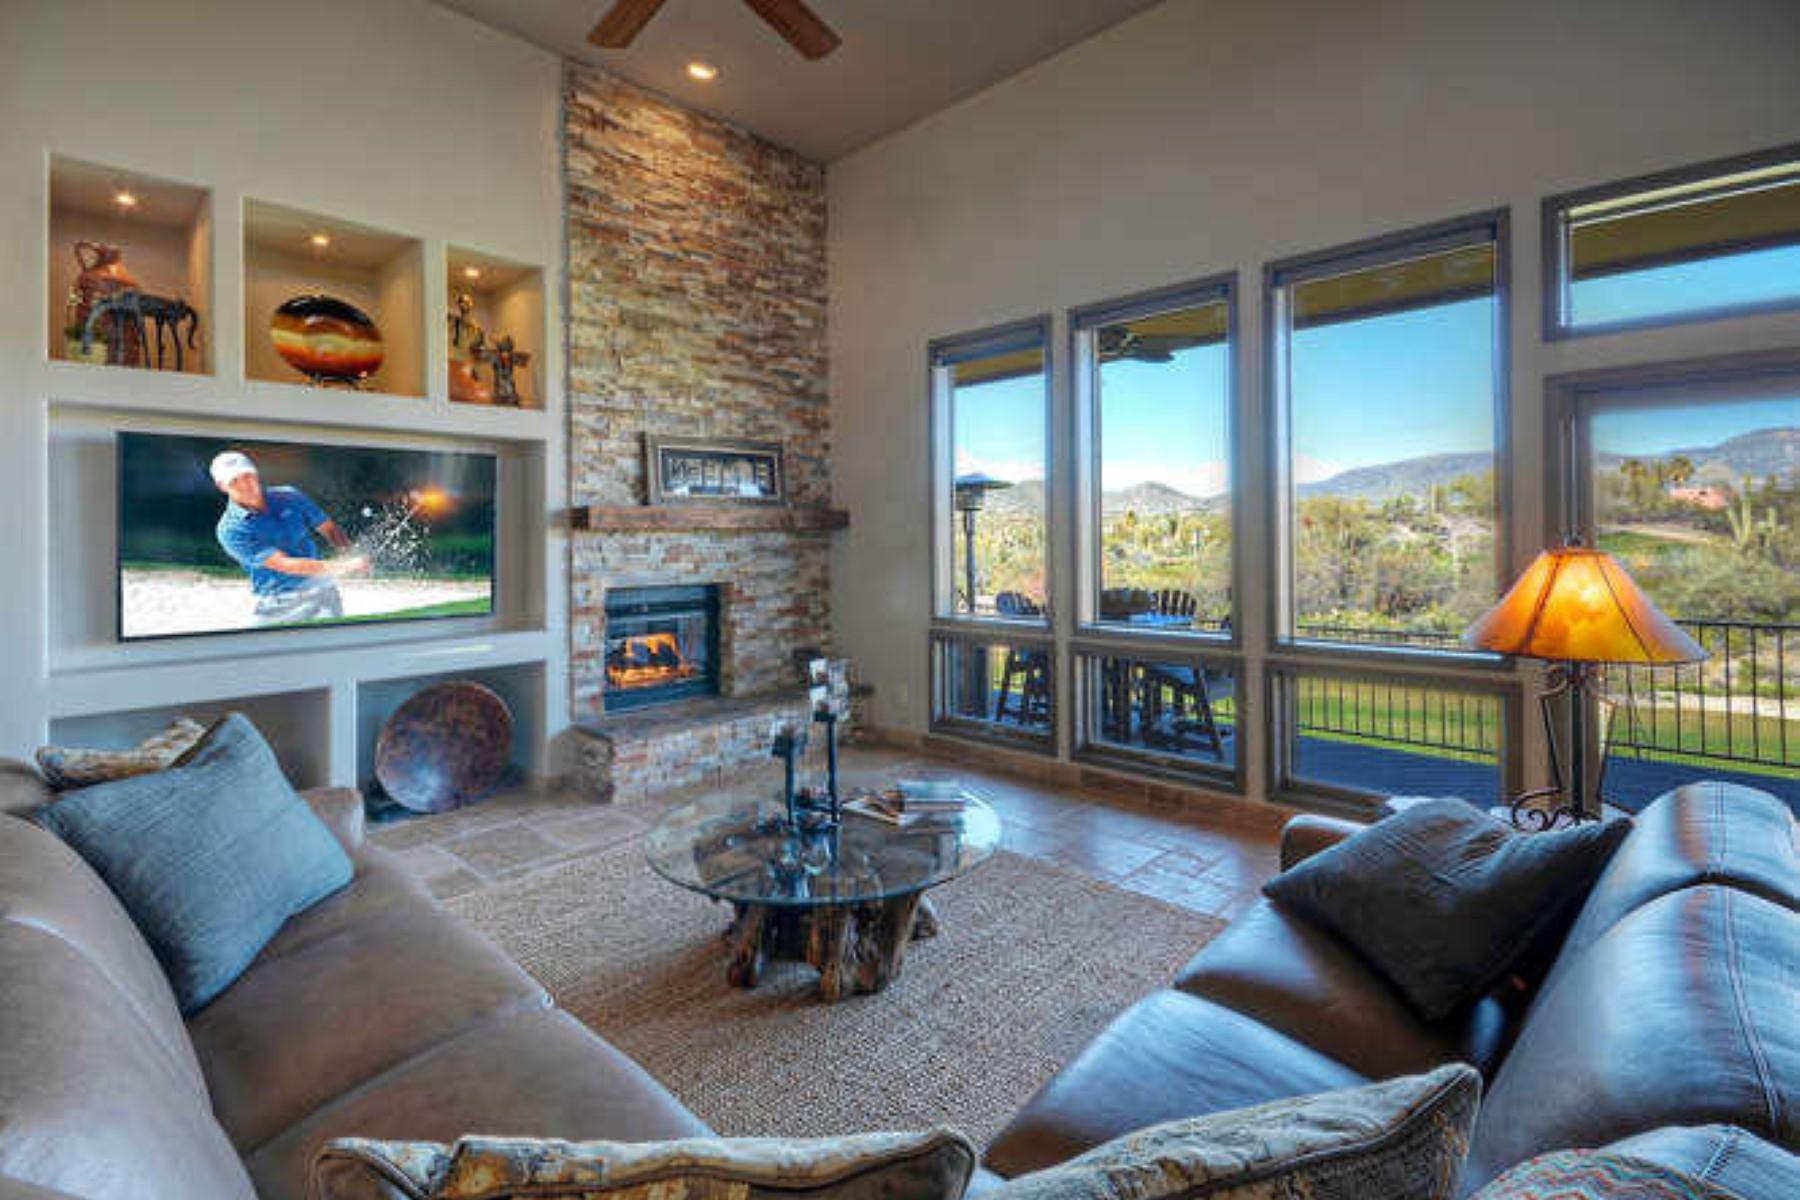 Частный односемейный дом для того Продажа на Beautiful home was completely remodeled in 2015 5592 E Sugarloft Trail Cave Creek, Аризона 85331 Соединенные Штаты